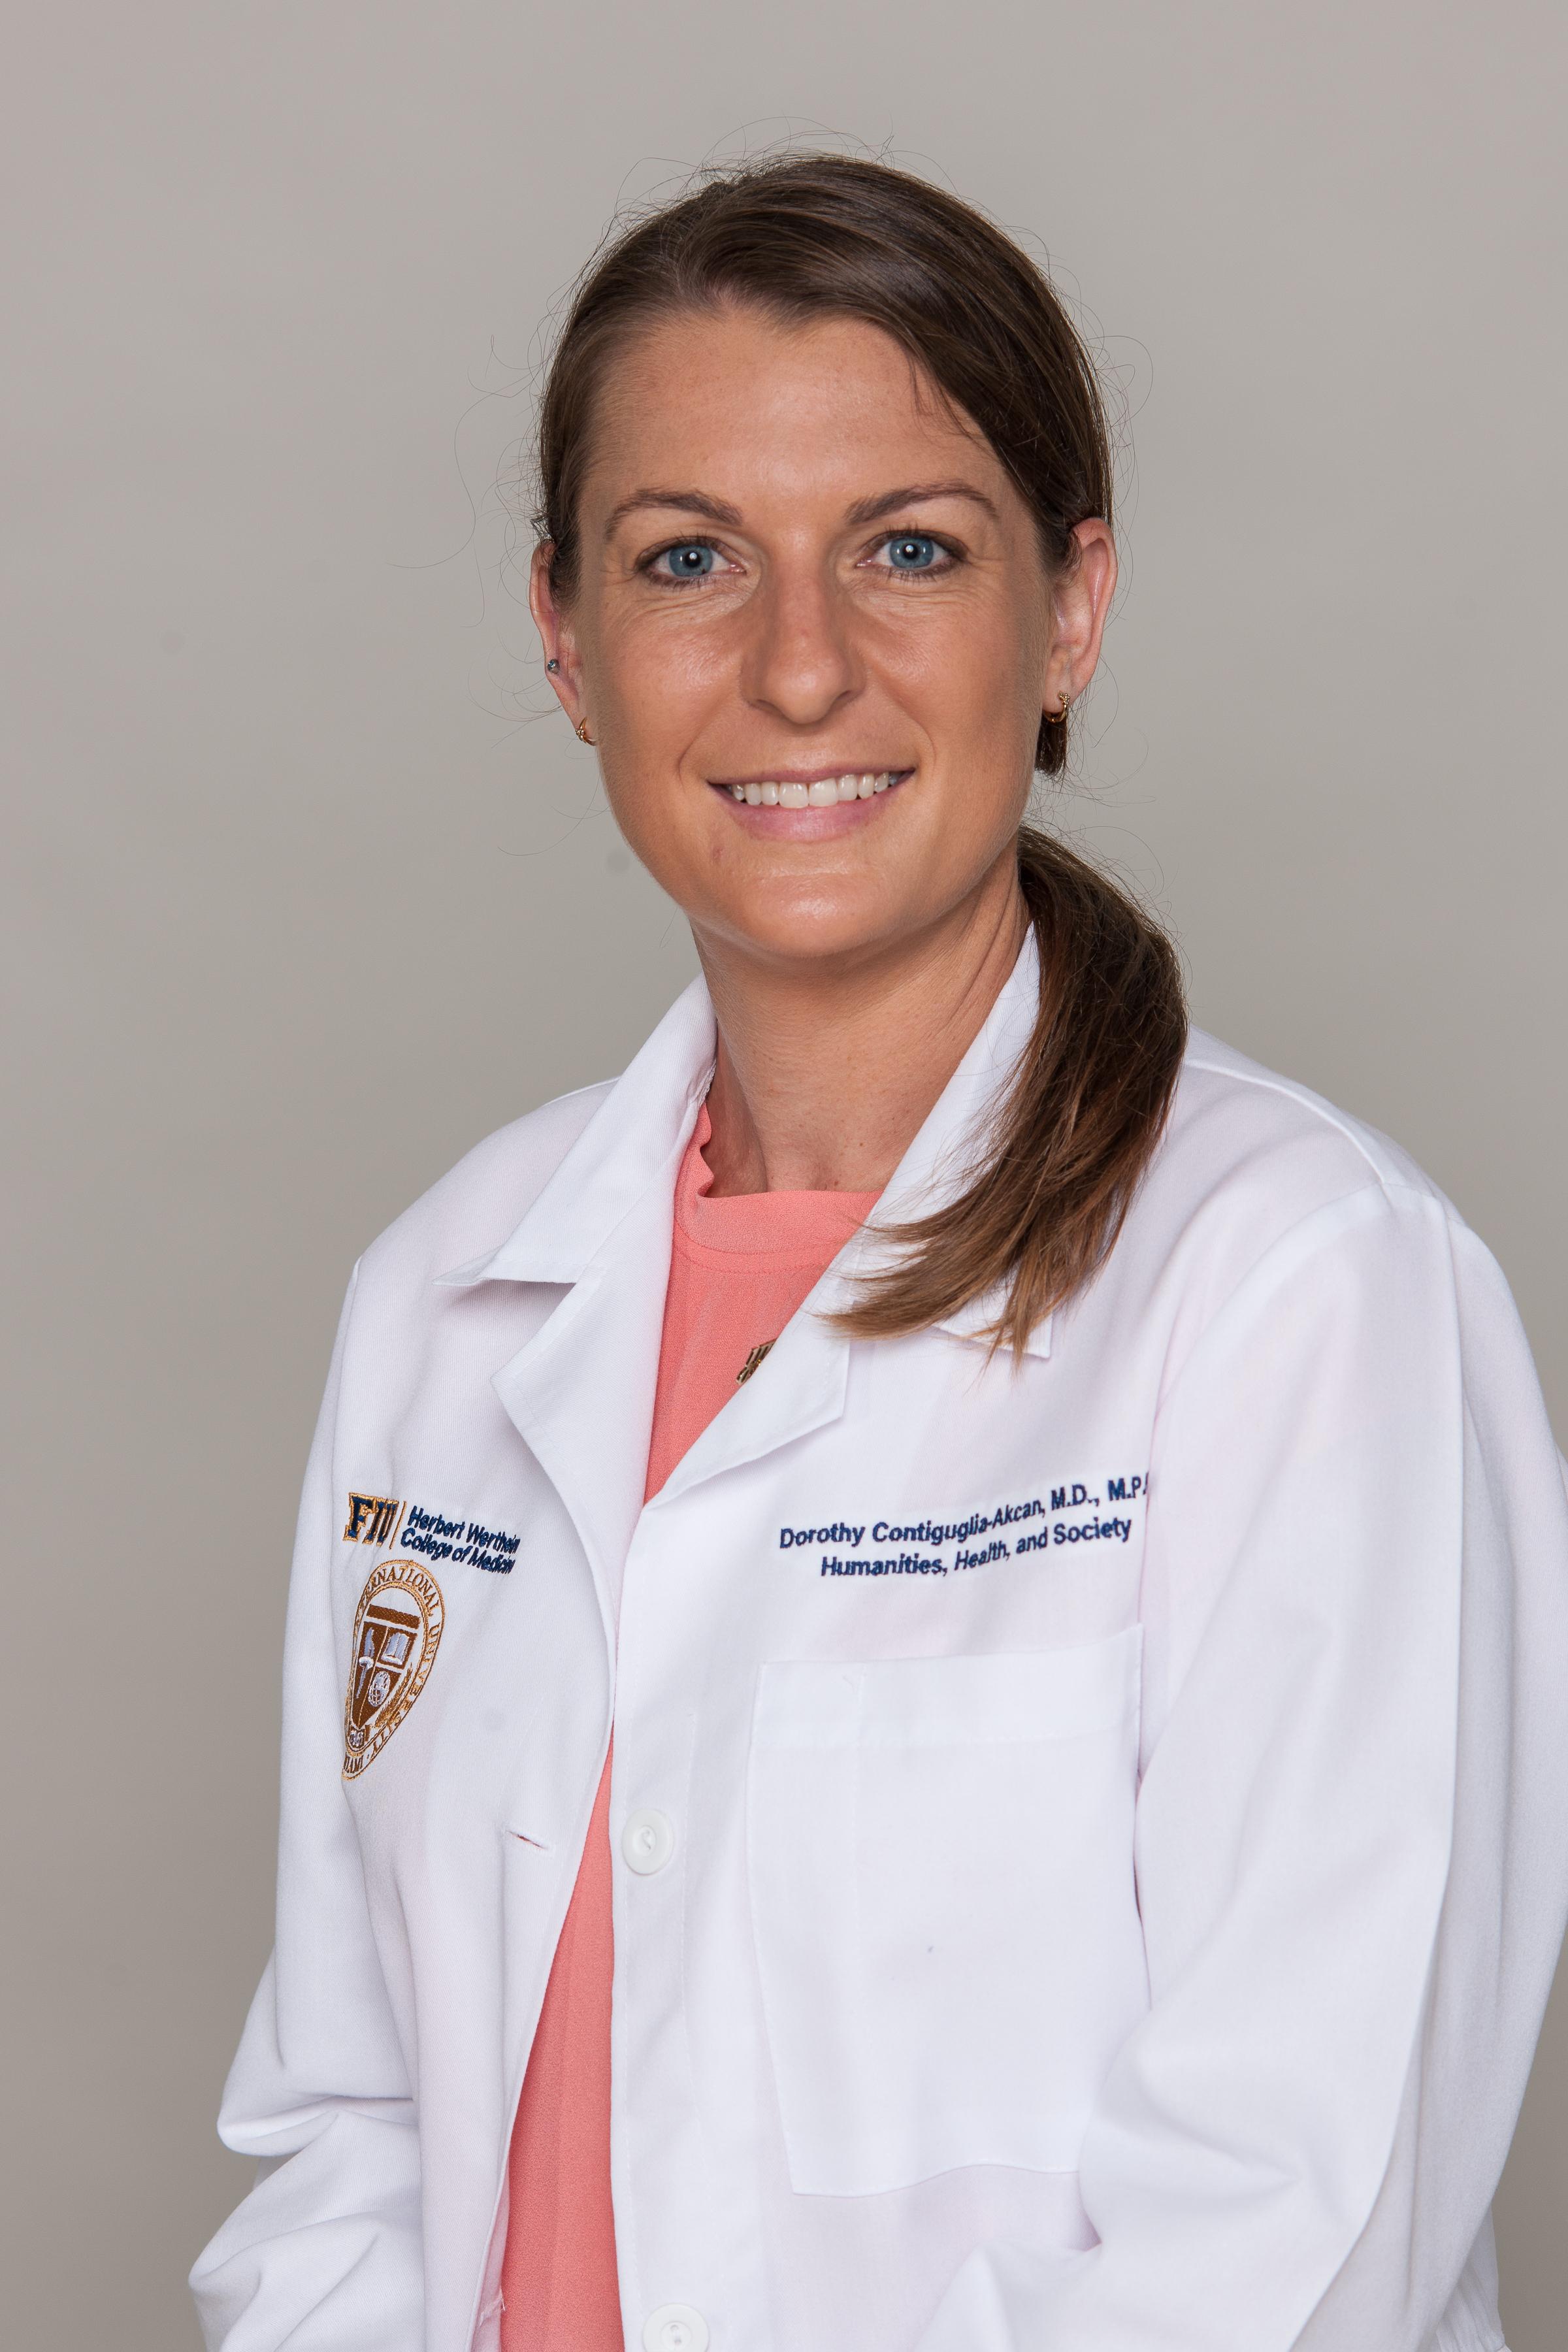 travel medicine doctor Dorothy Contiguglia in white doctor's coat